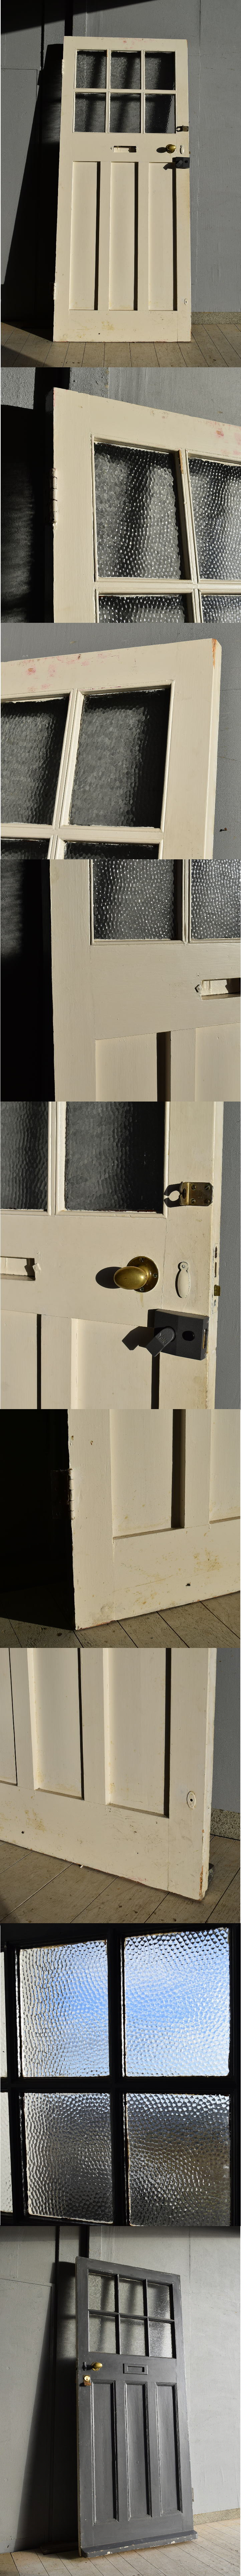 イギリス アンティーク ガラス入り木製ドア 扉 建具 7560